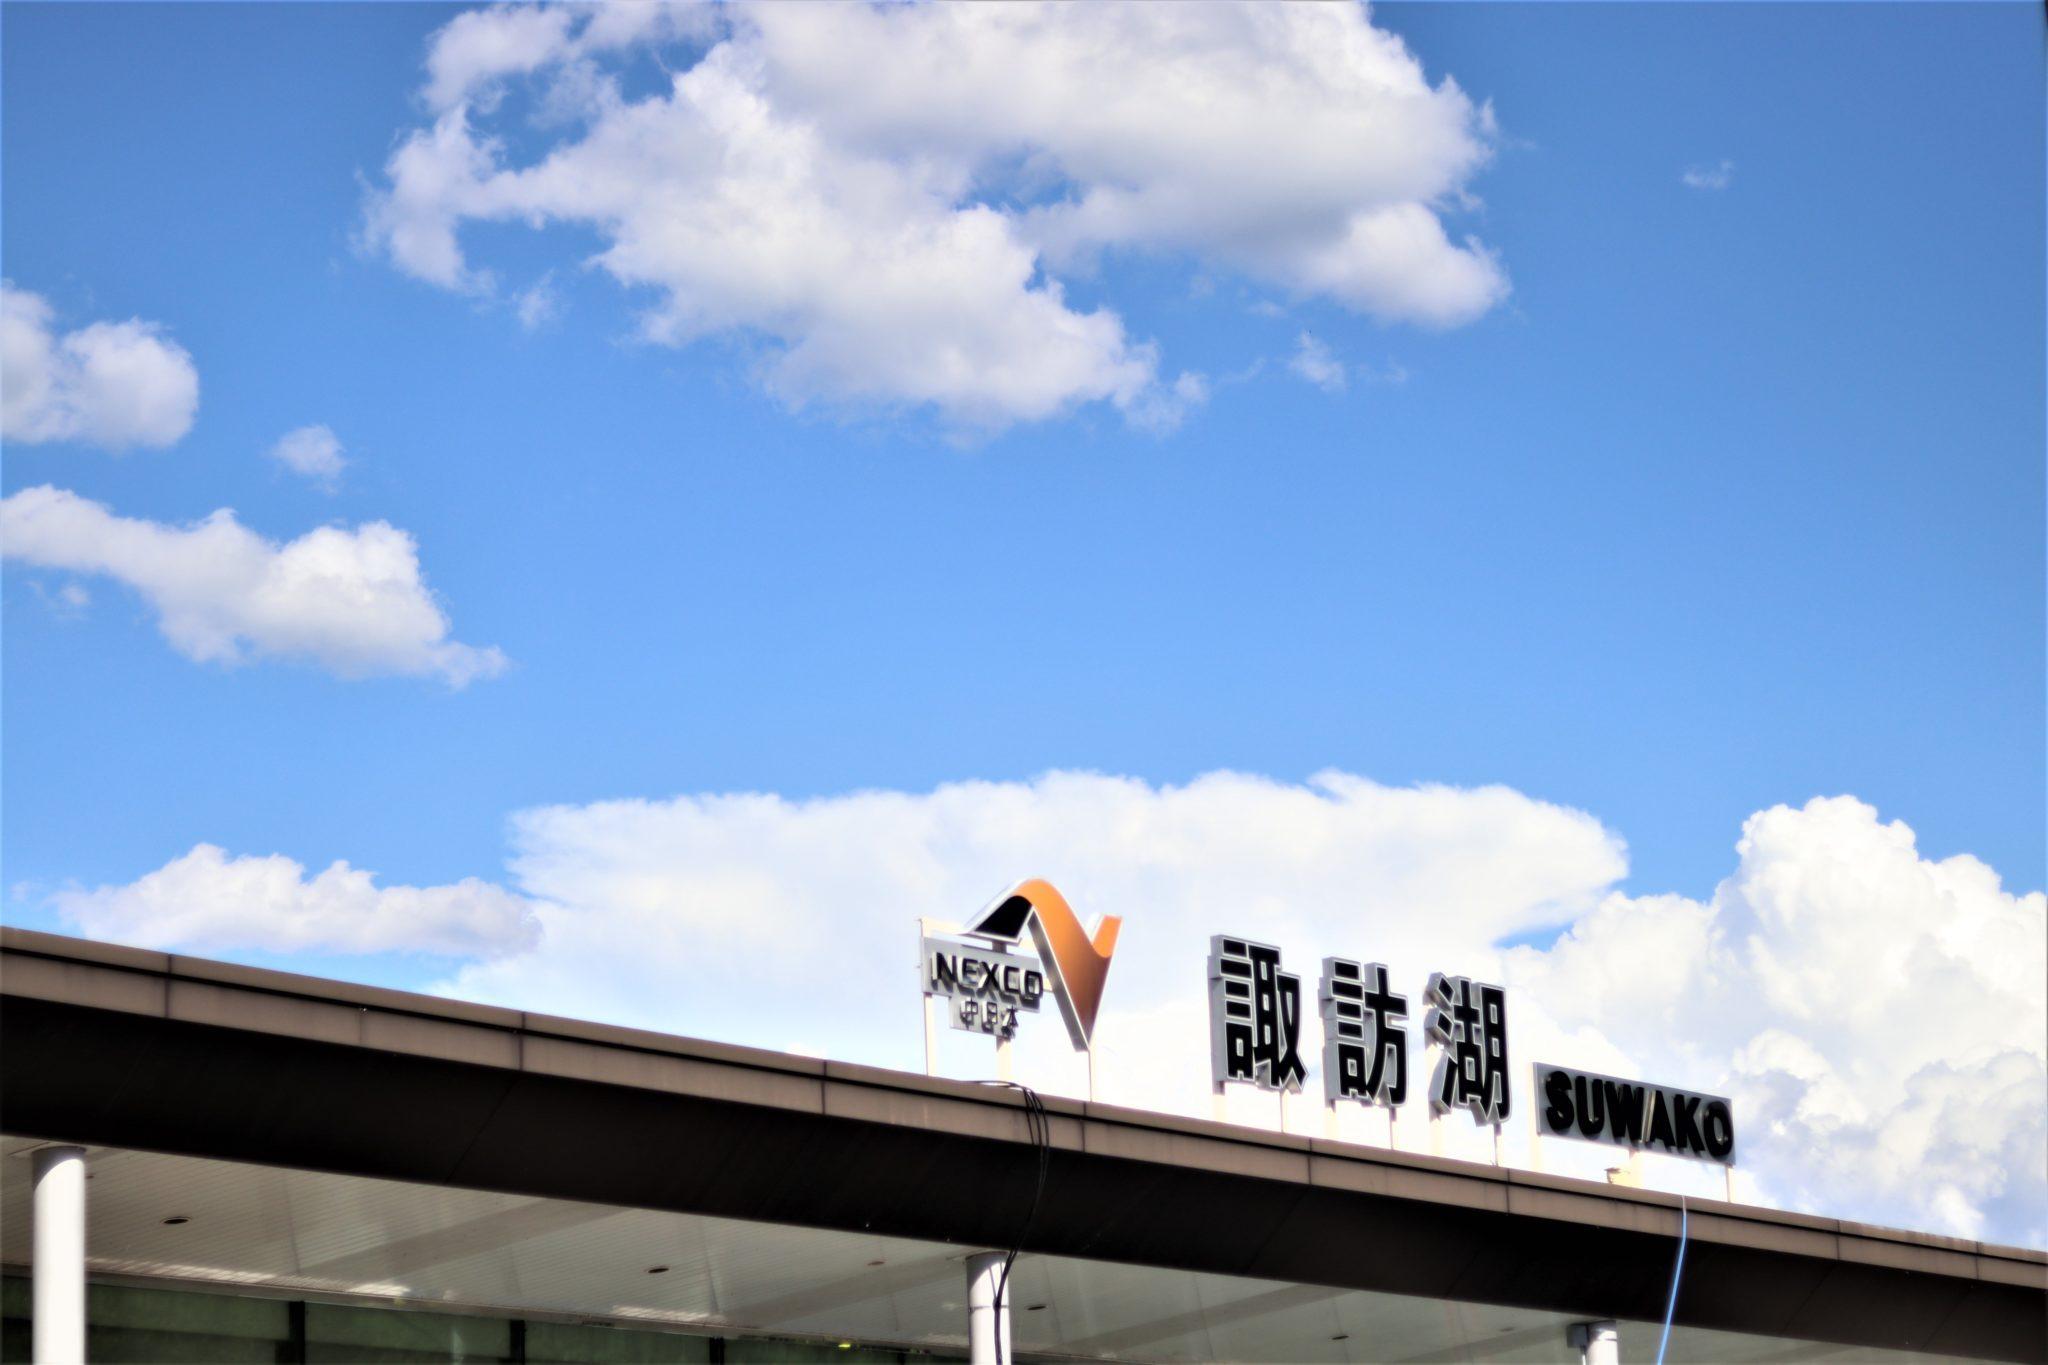 諏訪湖サービスエリア(上り線)